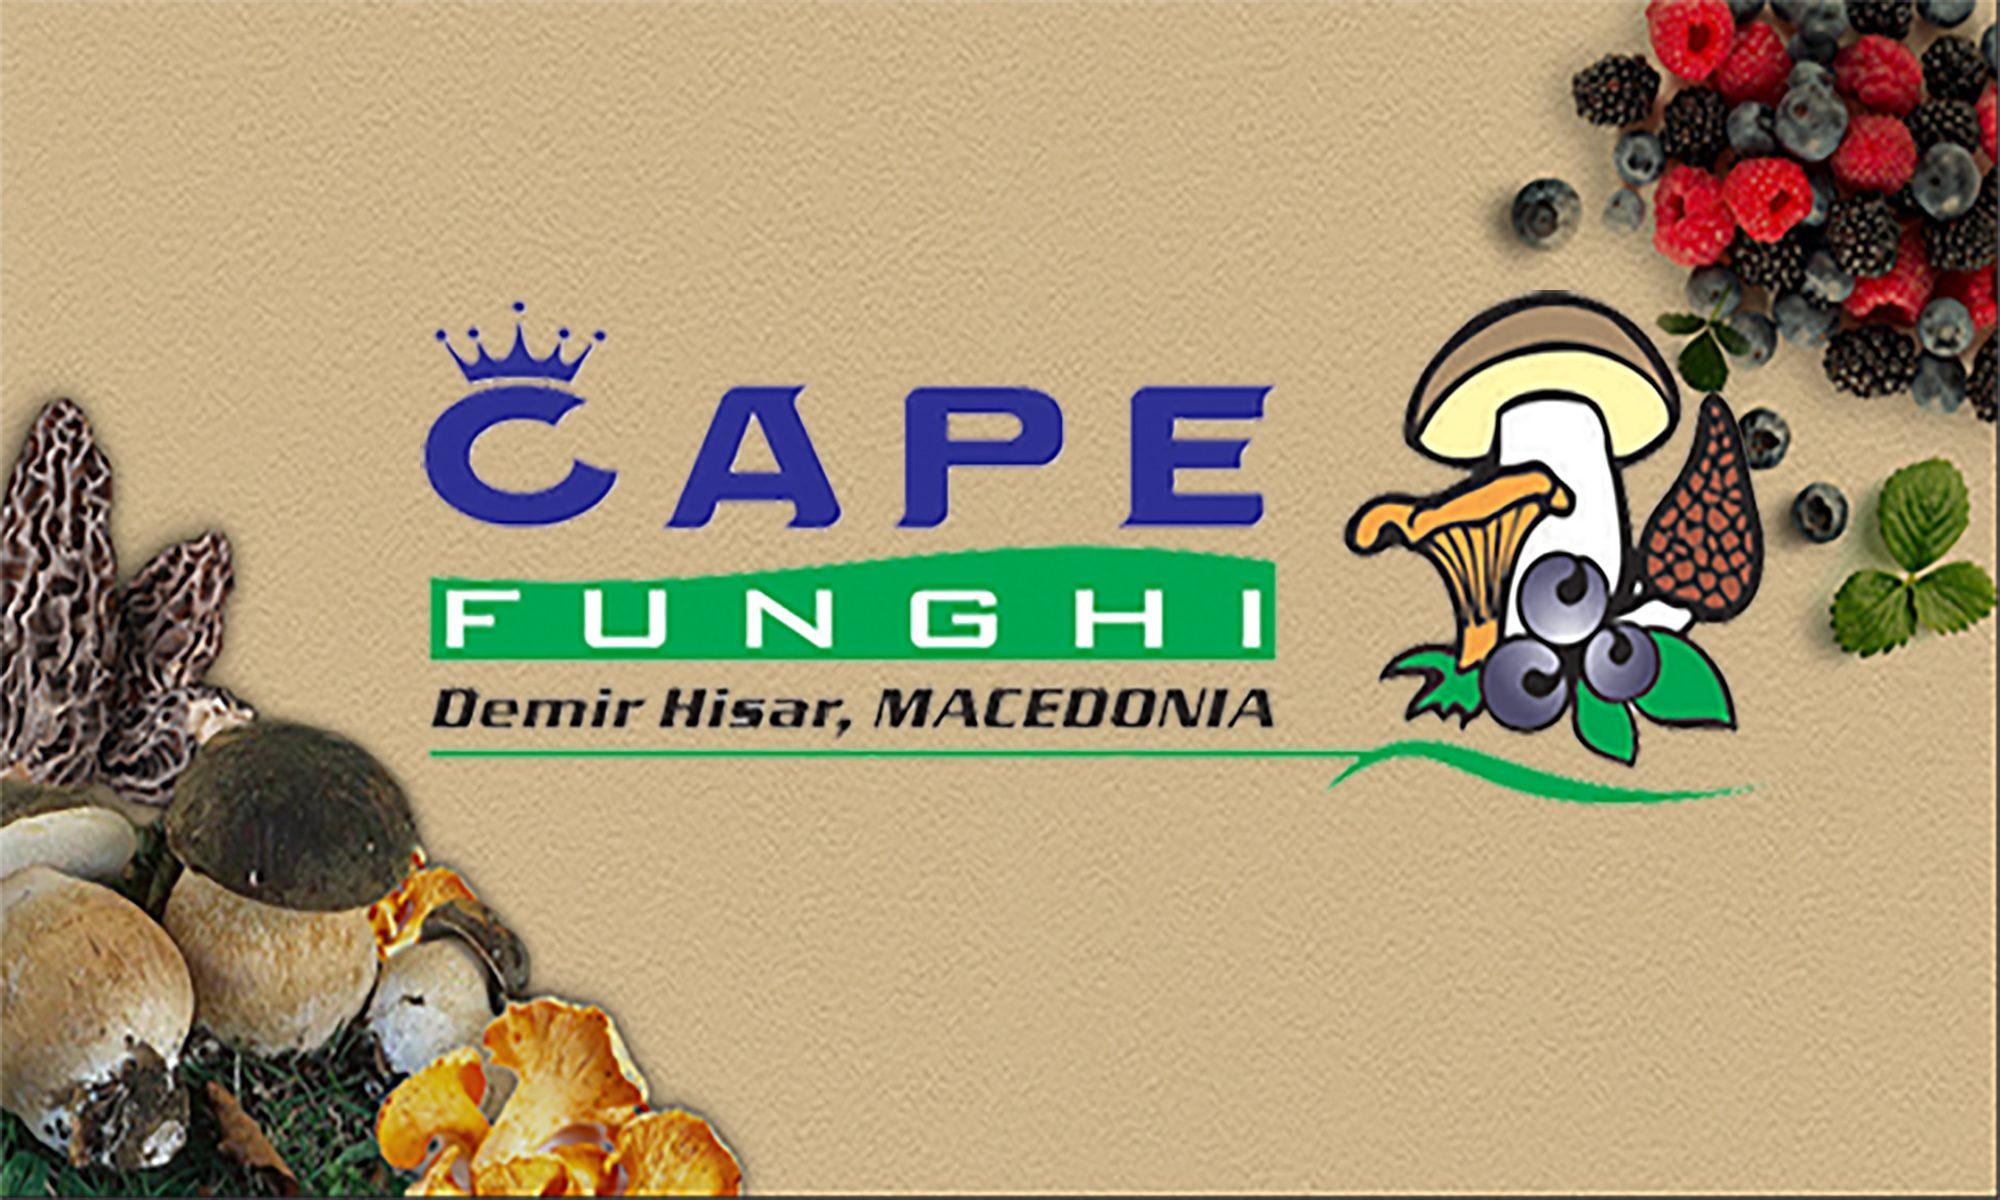 CHAPE FUNGHI